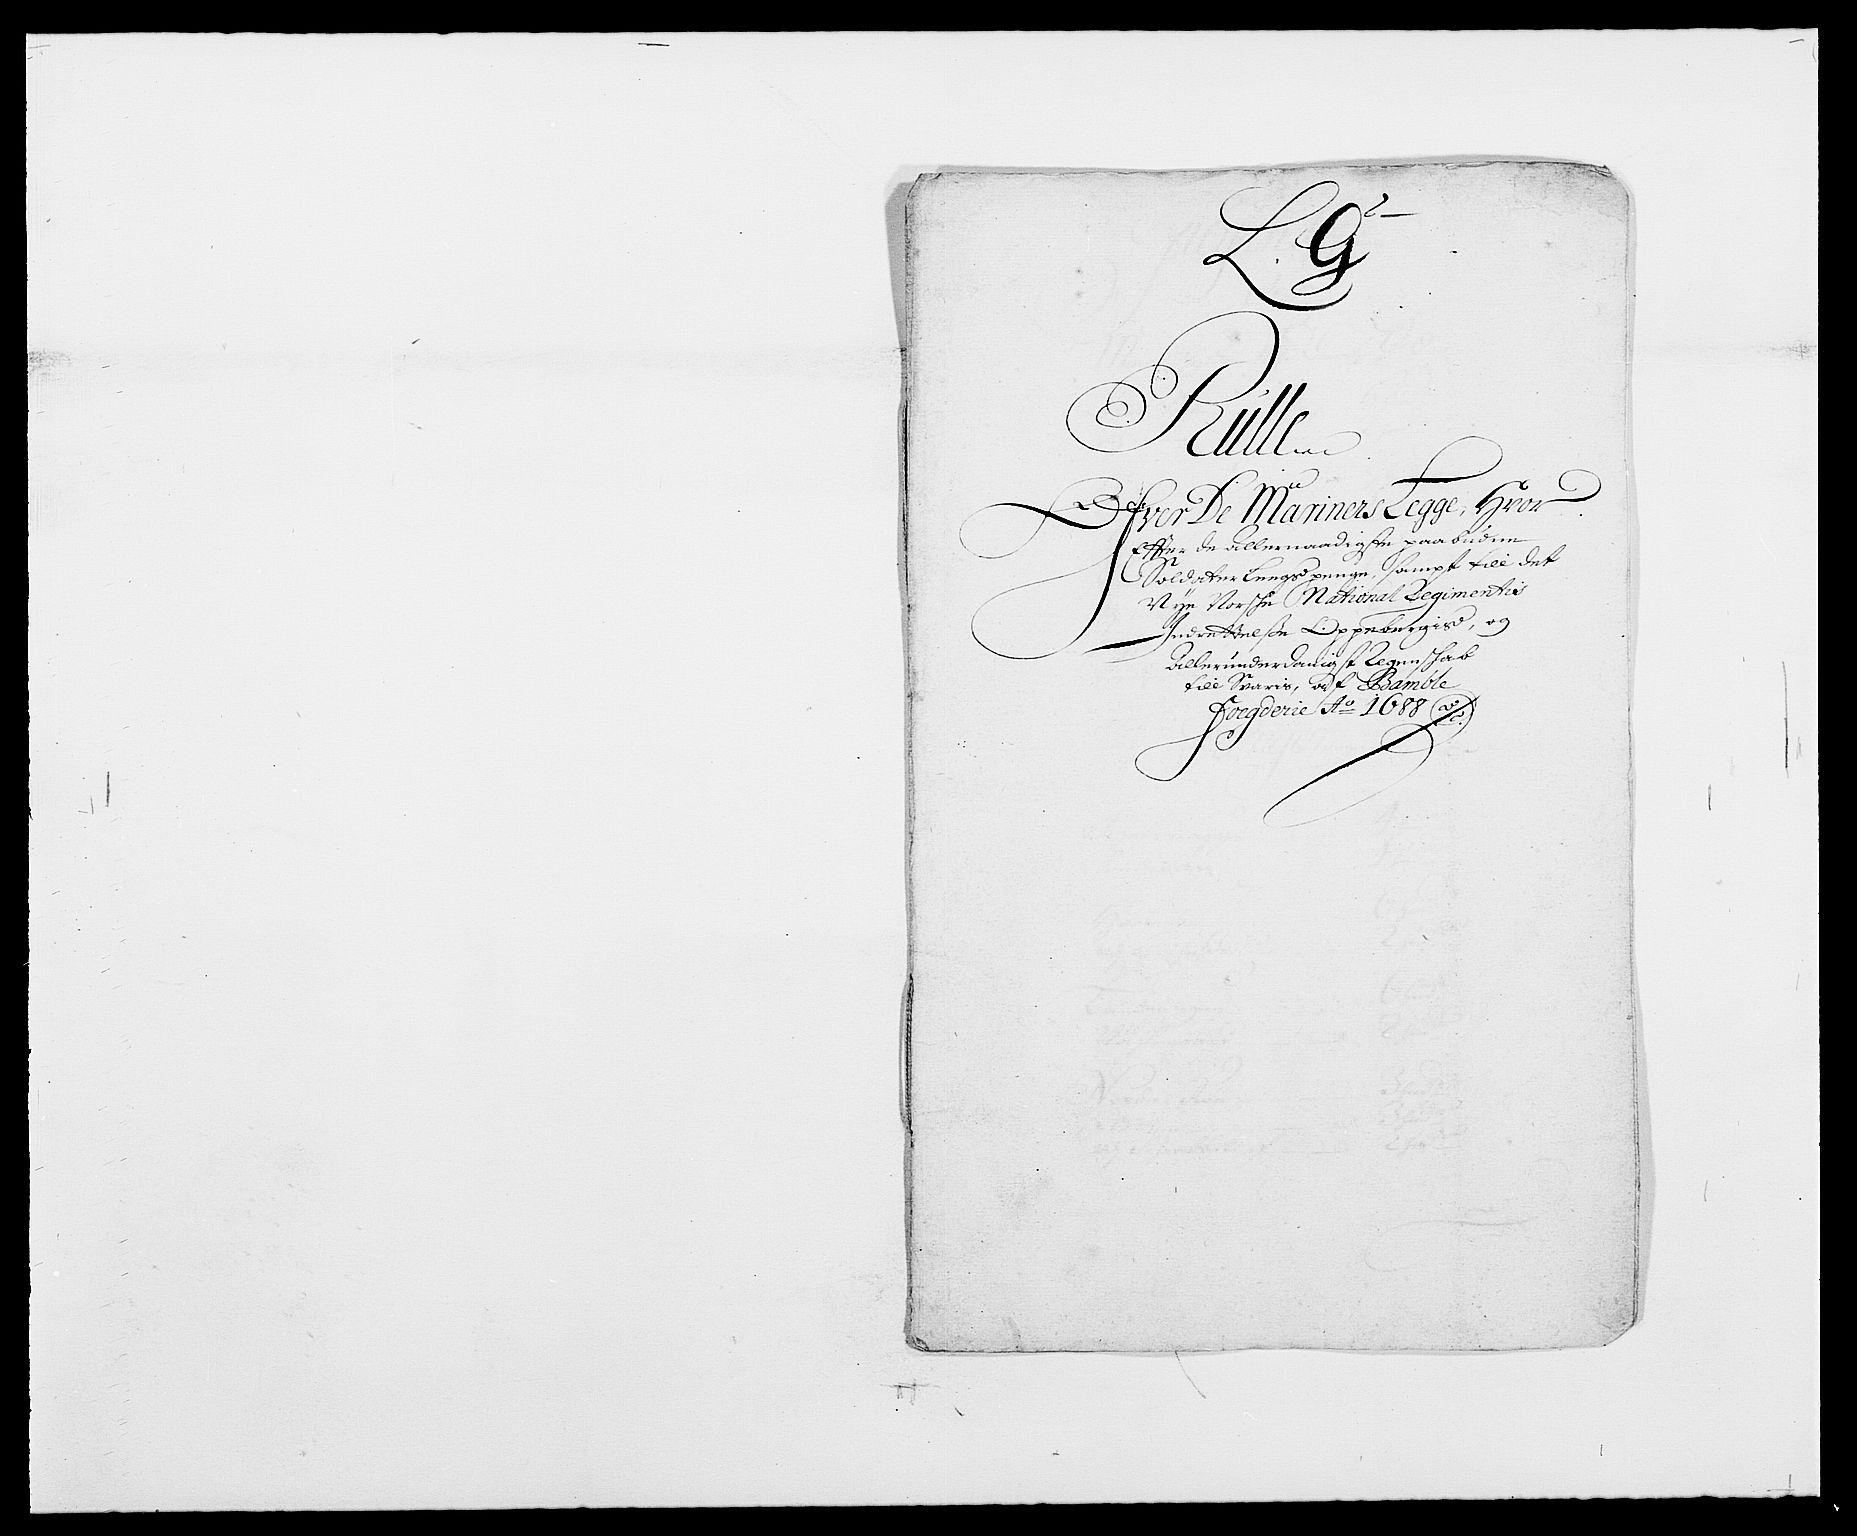 RA, Rentekammeret inntil 1814, Reviderte regnskaper, Fogderegnskap, R34/L2050: Fogderegnskap Bamble, 1688-1691, s. 125